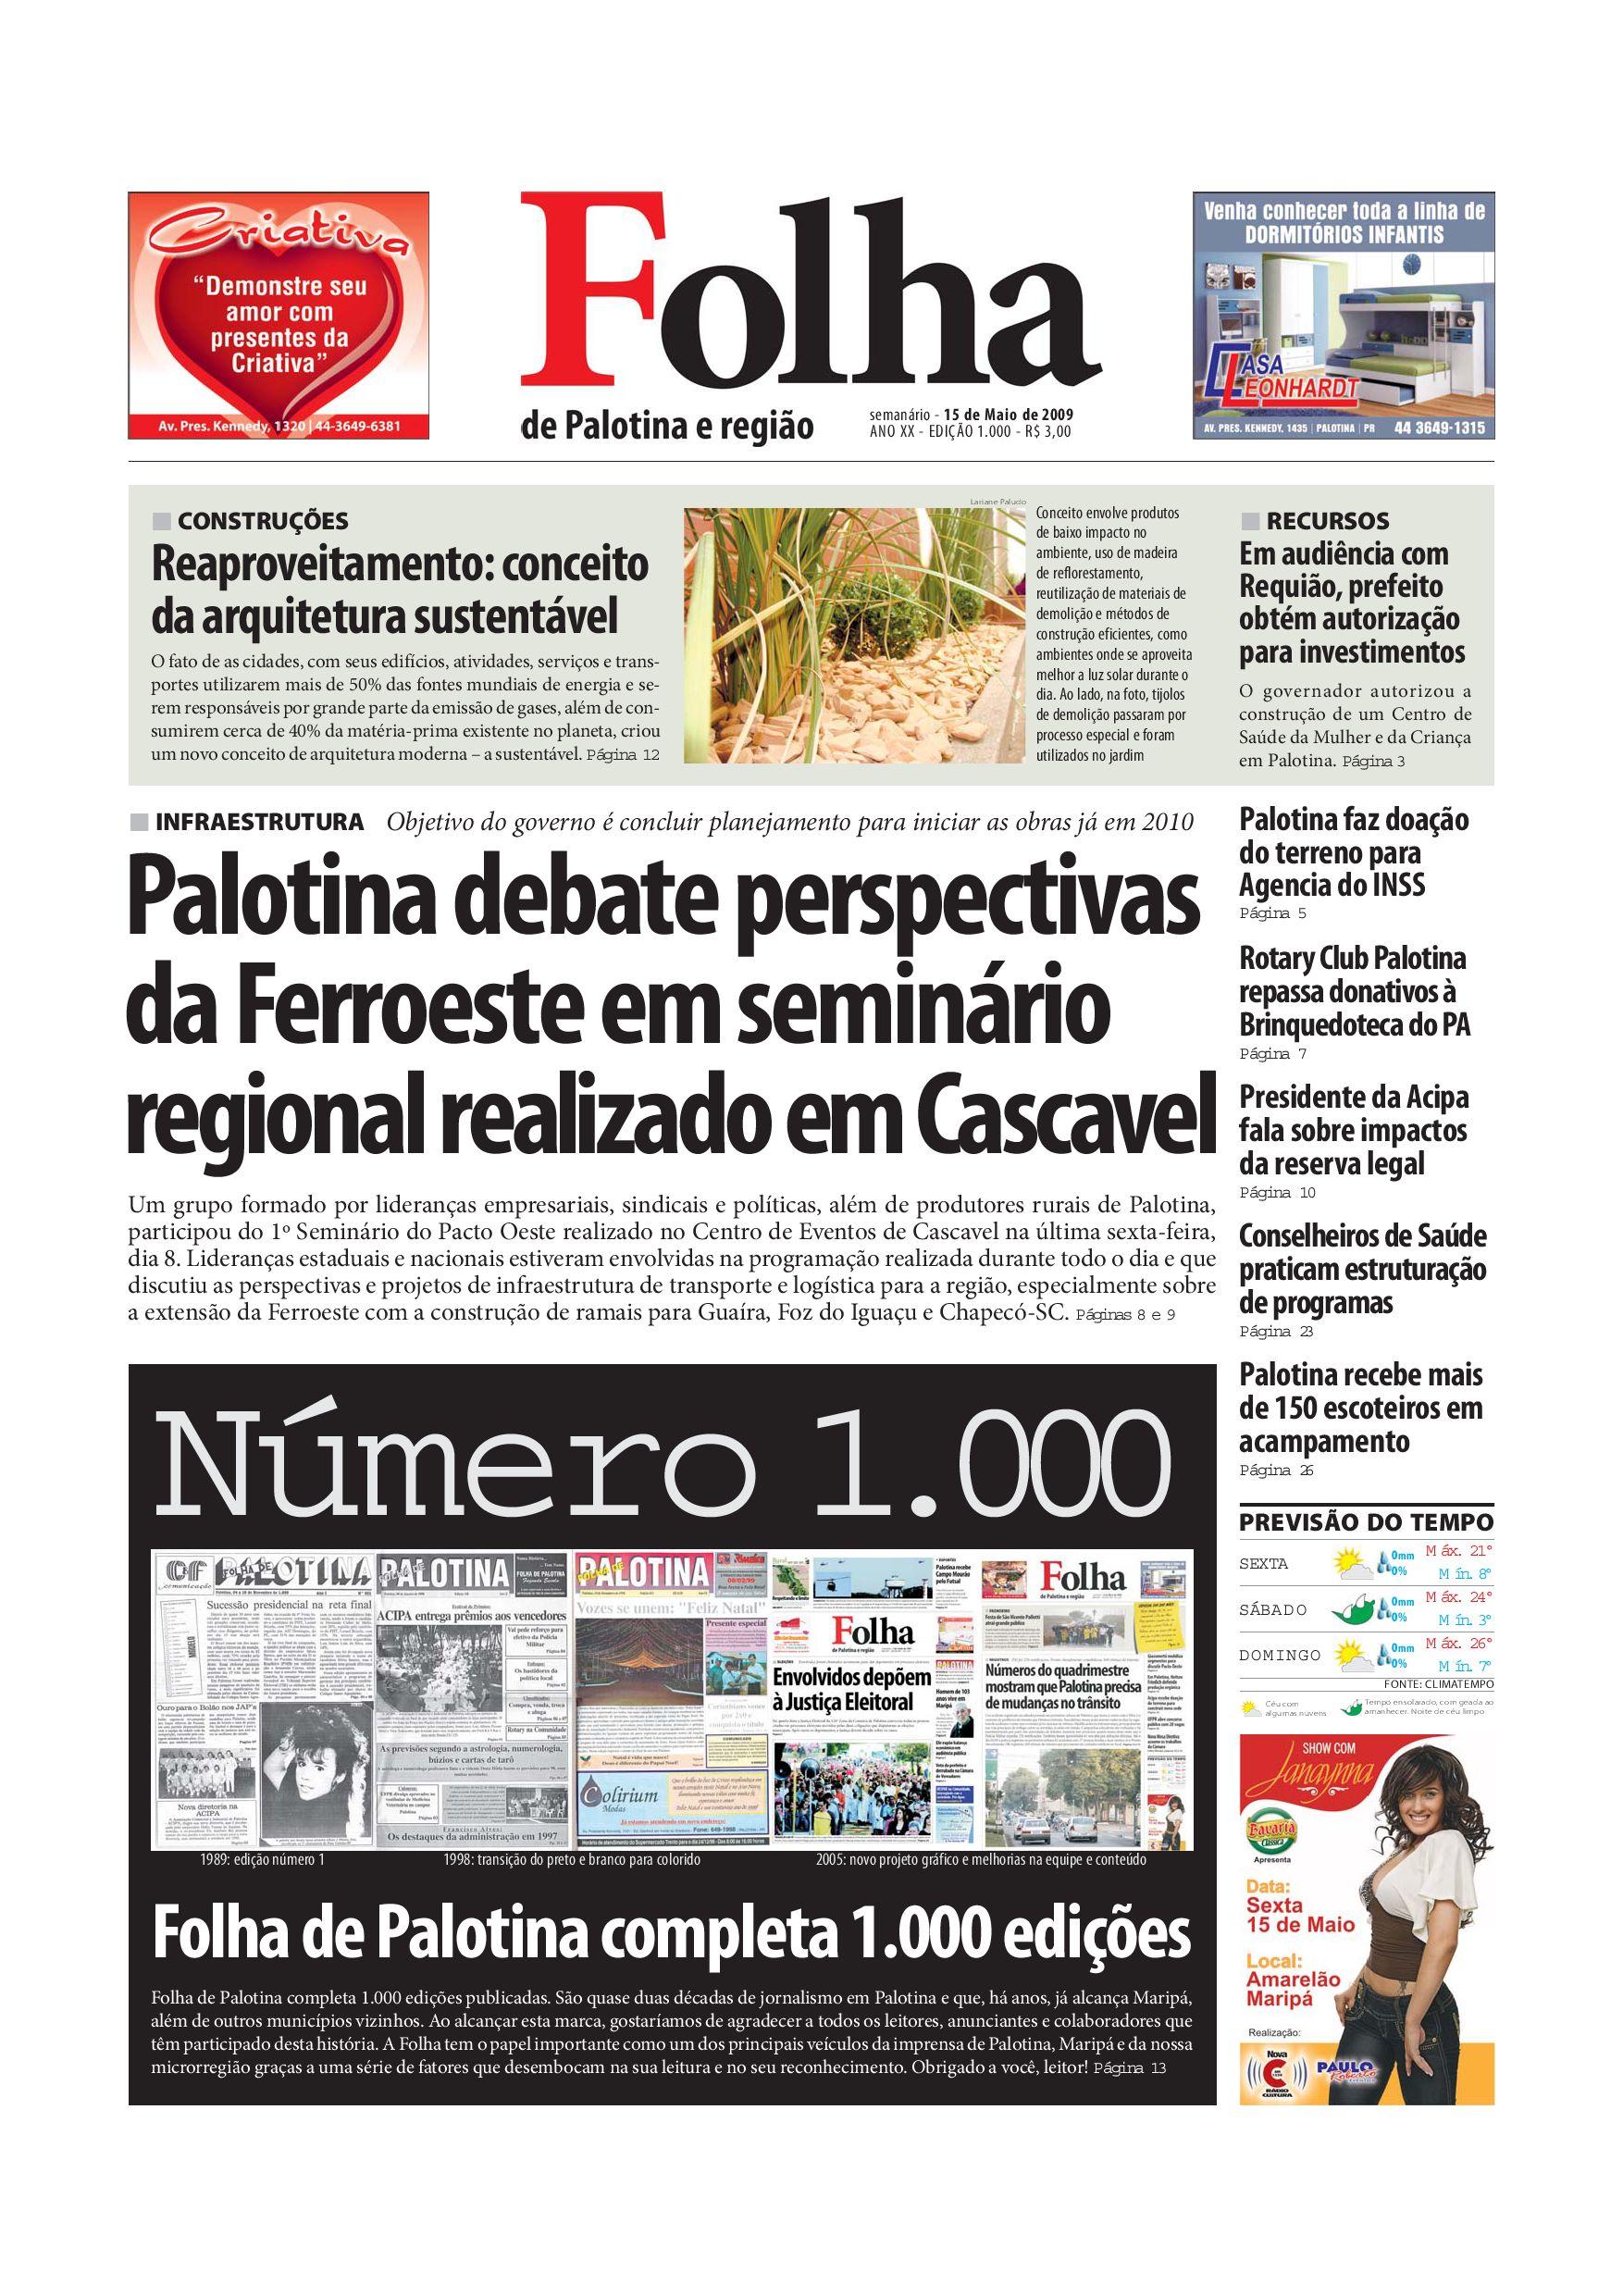 Jornal Folha de Palotina 15 05 2009 by Sinuê Giacomini - issuu c8e9c48563857